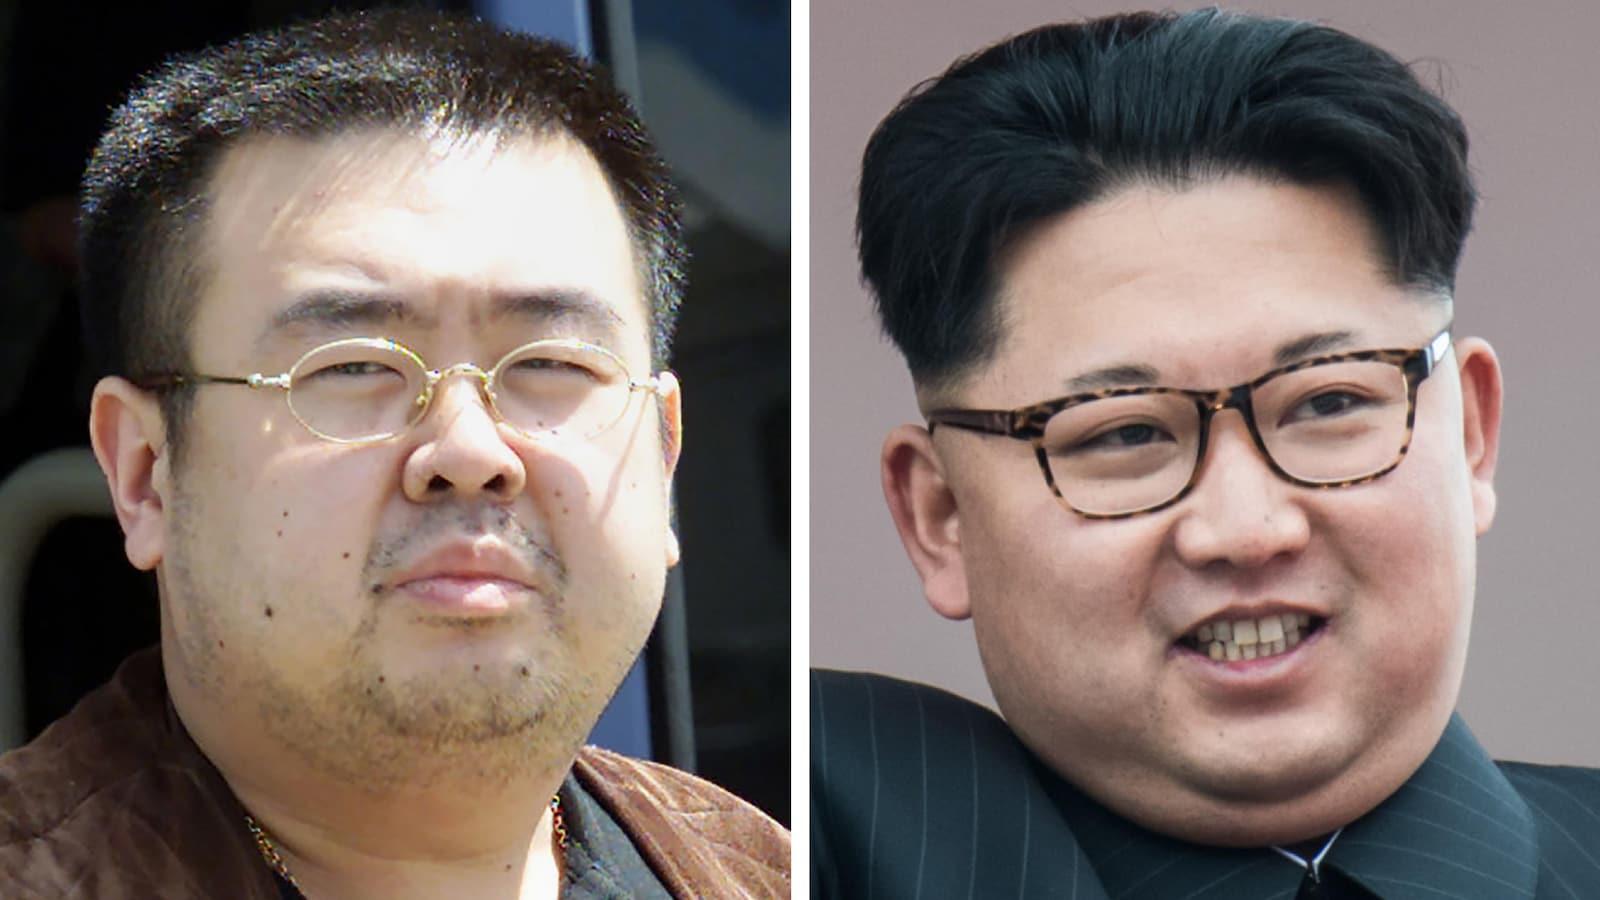 أخو الزعيم الكوري الشمالي المقتول تعاون مع الاستخبارات الأميركية